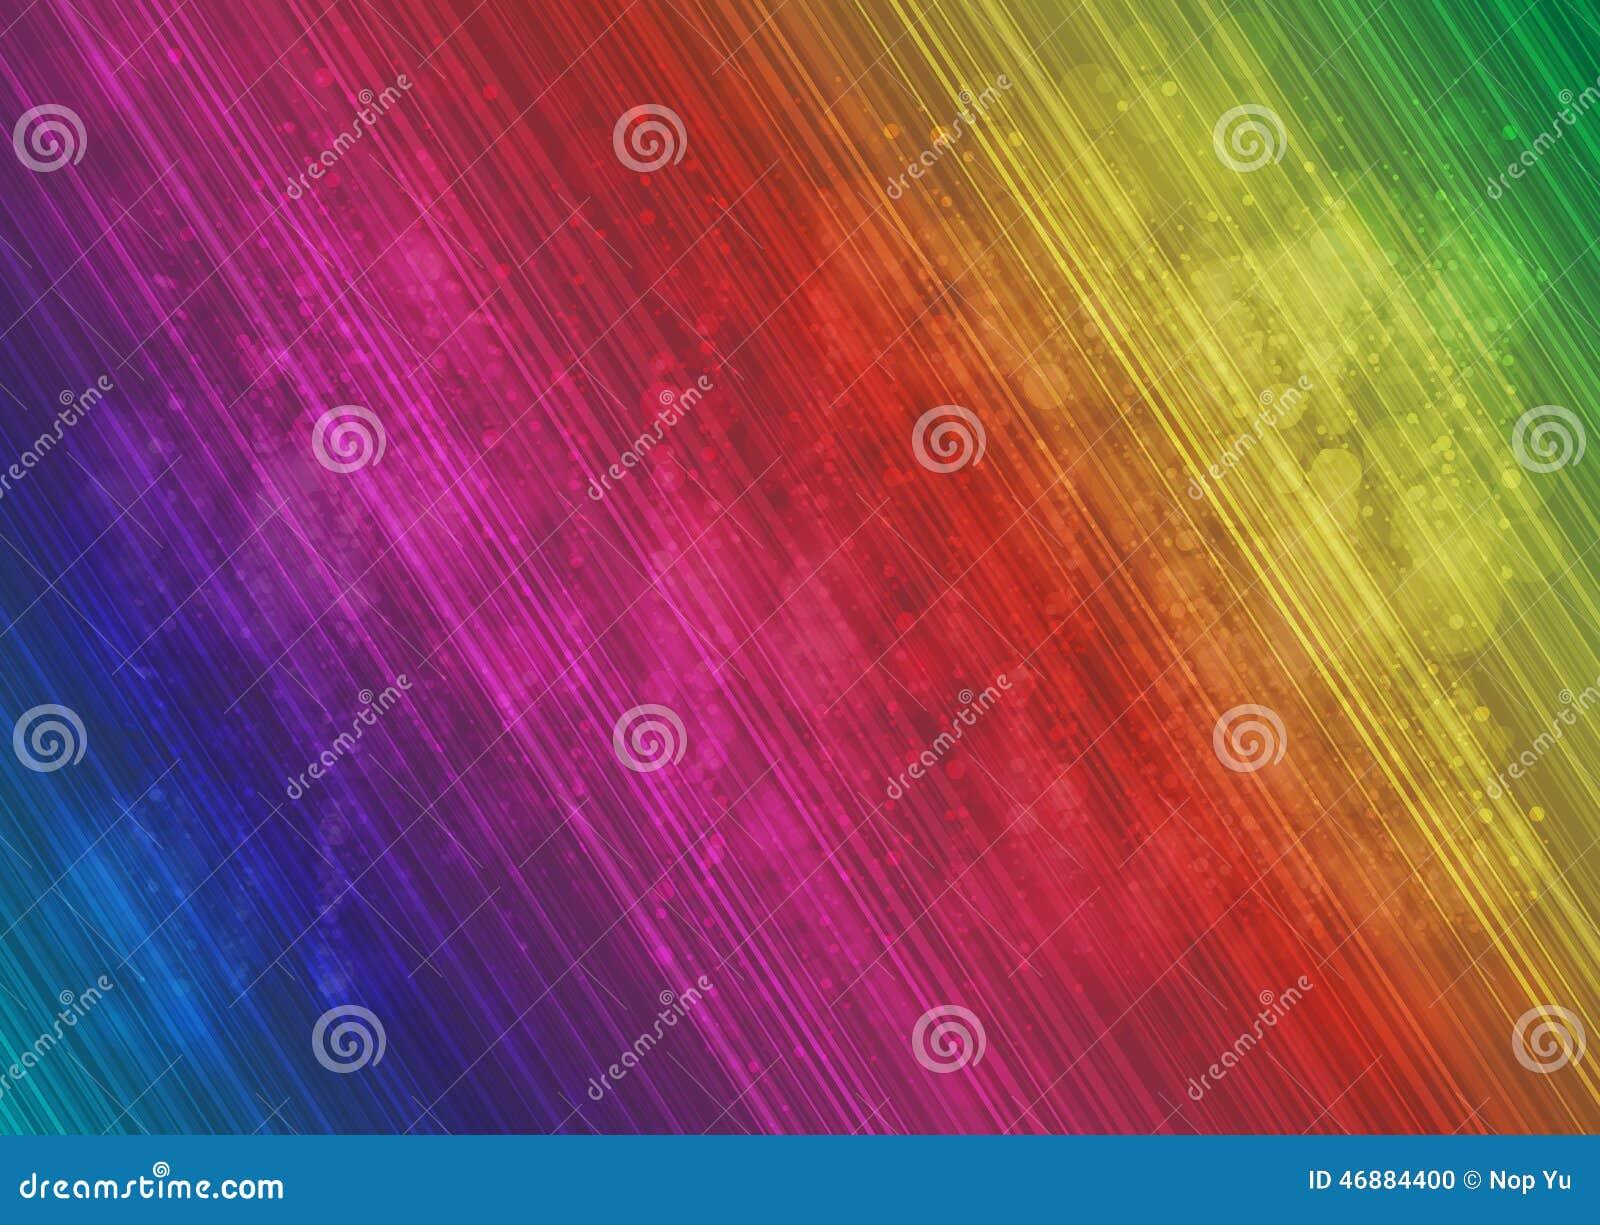 Abstracte veelkleurige lijn en halo background_01